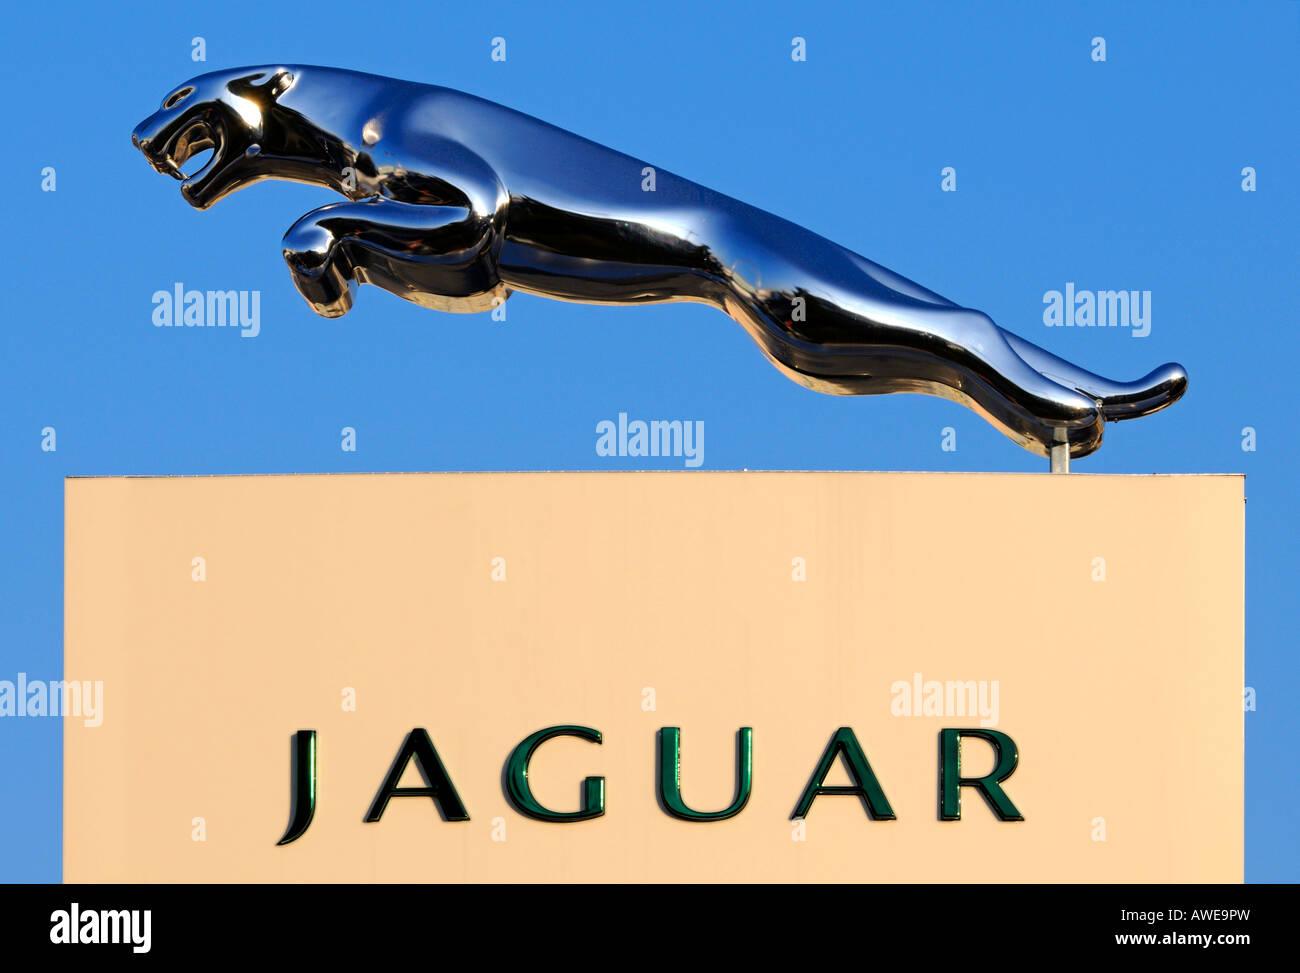 Leaping Jaguar Stock Photos Leaping Jaguar Stock Images Alamy